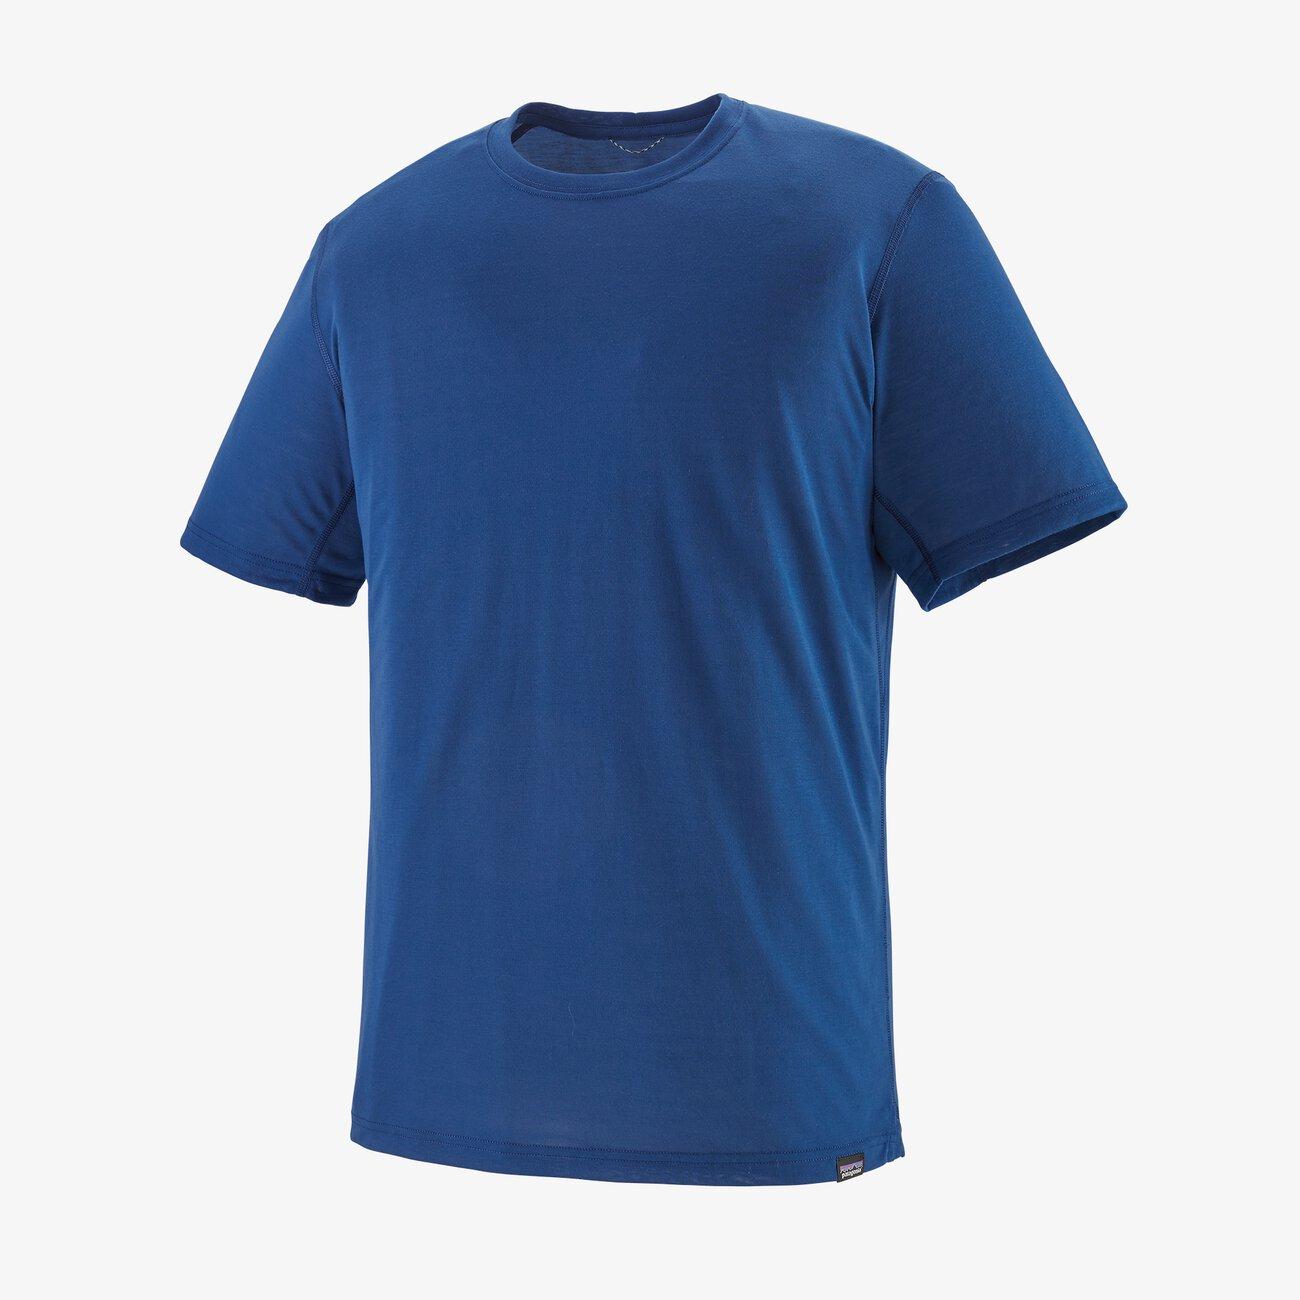 メンズ キャプリーン クール トレイル シャツ #24496 Patagonia パタゴニア 速乾性 涼しい